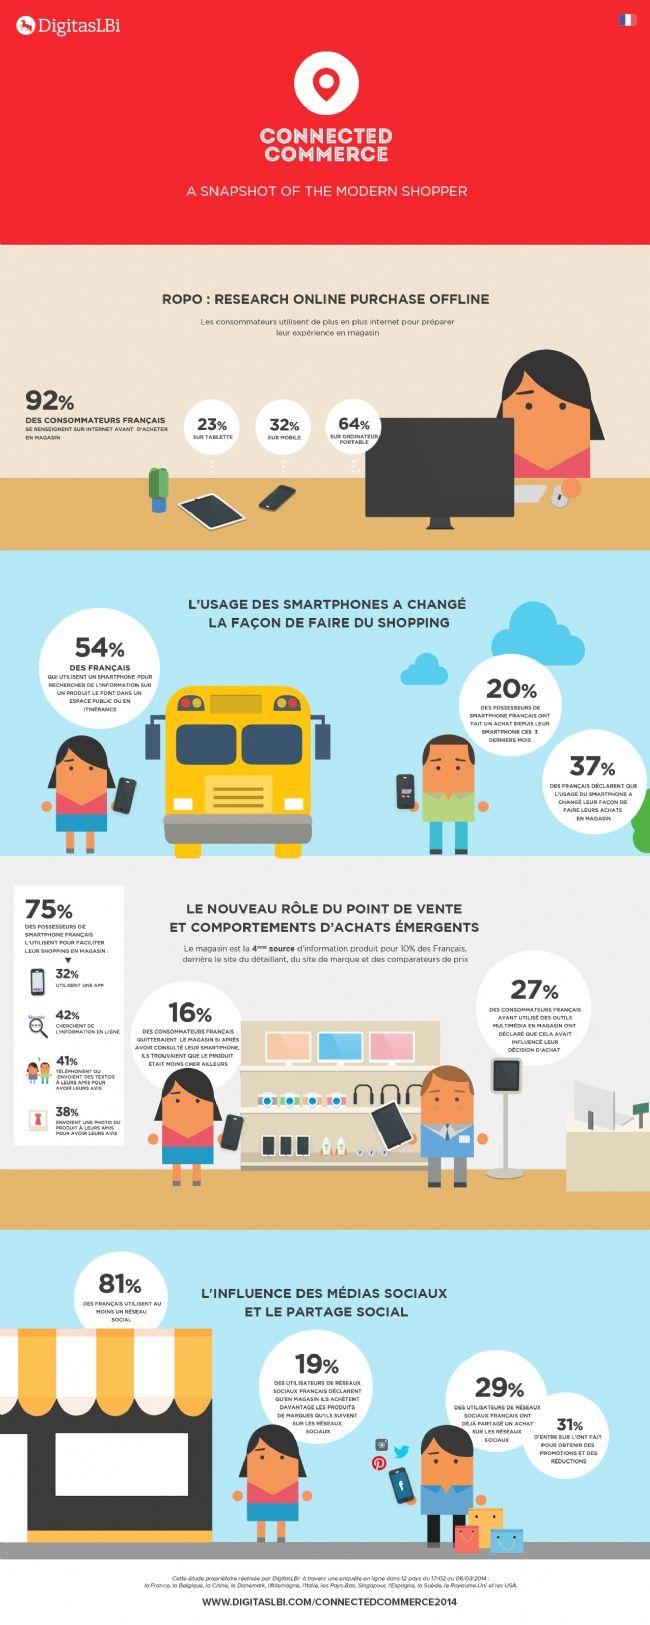 Pour 10% des Français désireux d'effectuer un achat, le magasin est seulement la quatrième source d'informations. #BeSocial via @Sébastien Terre